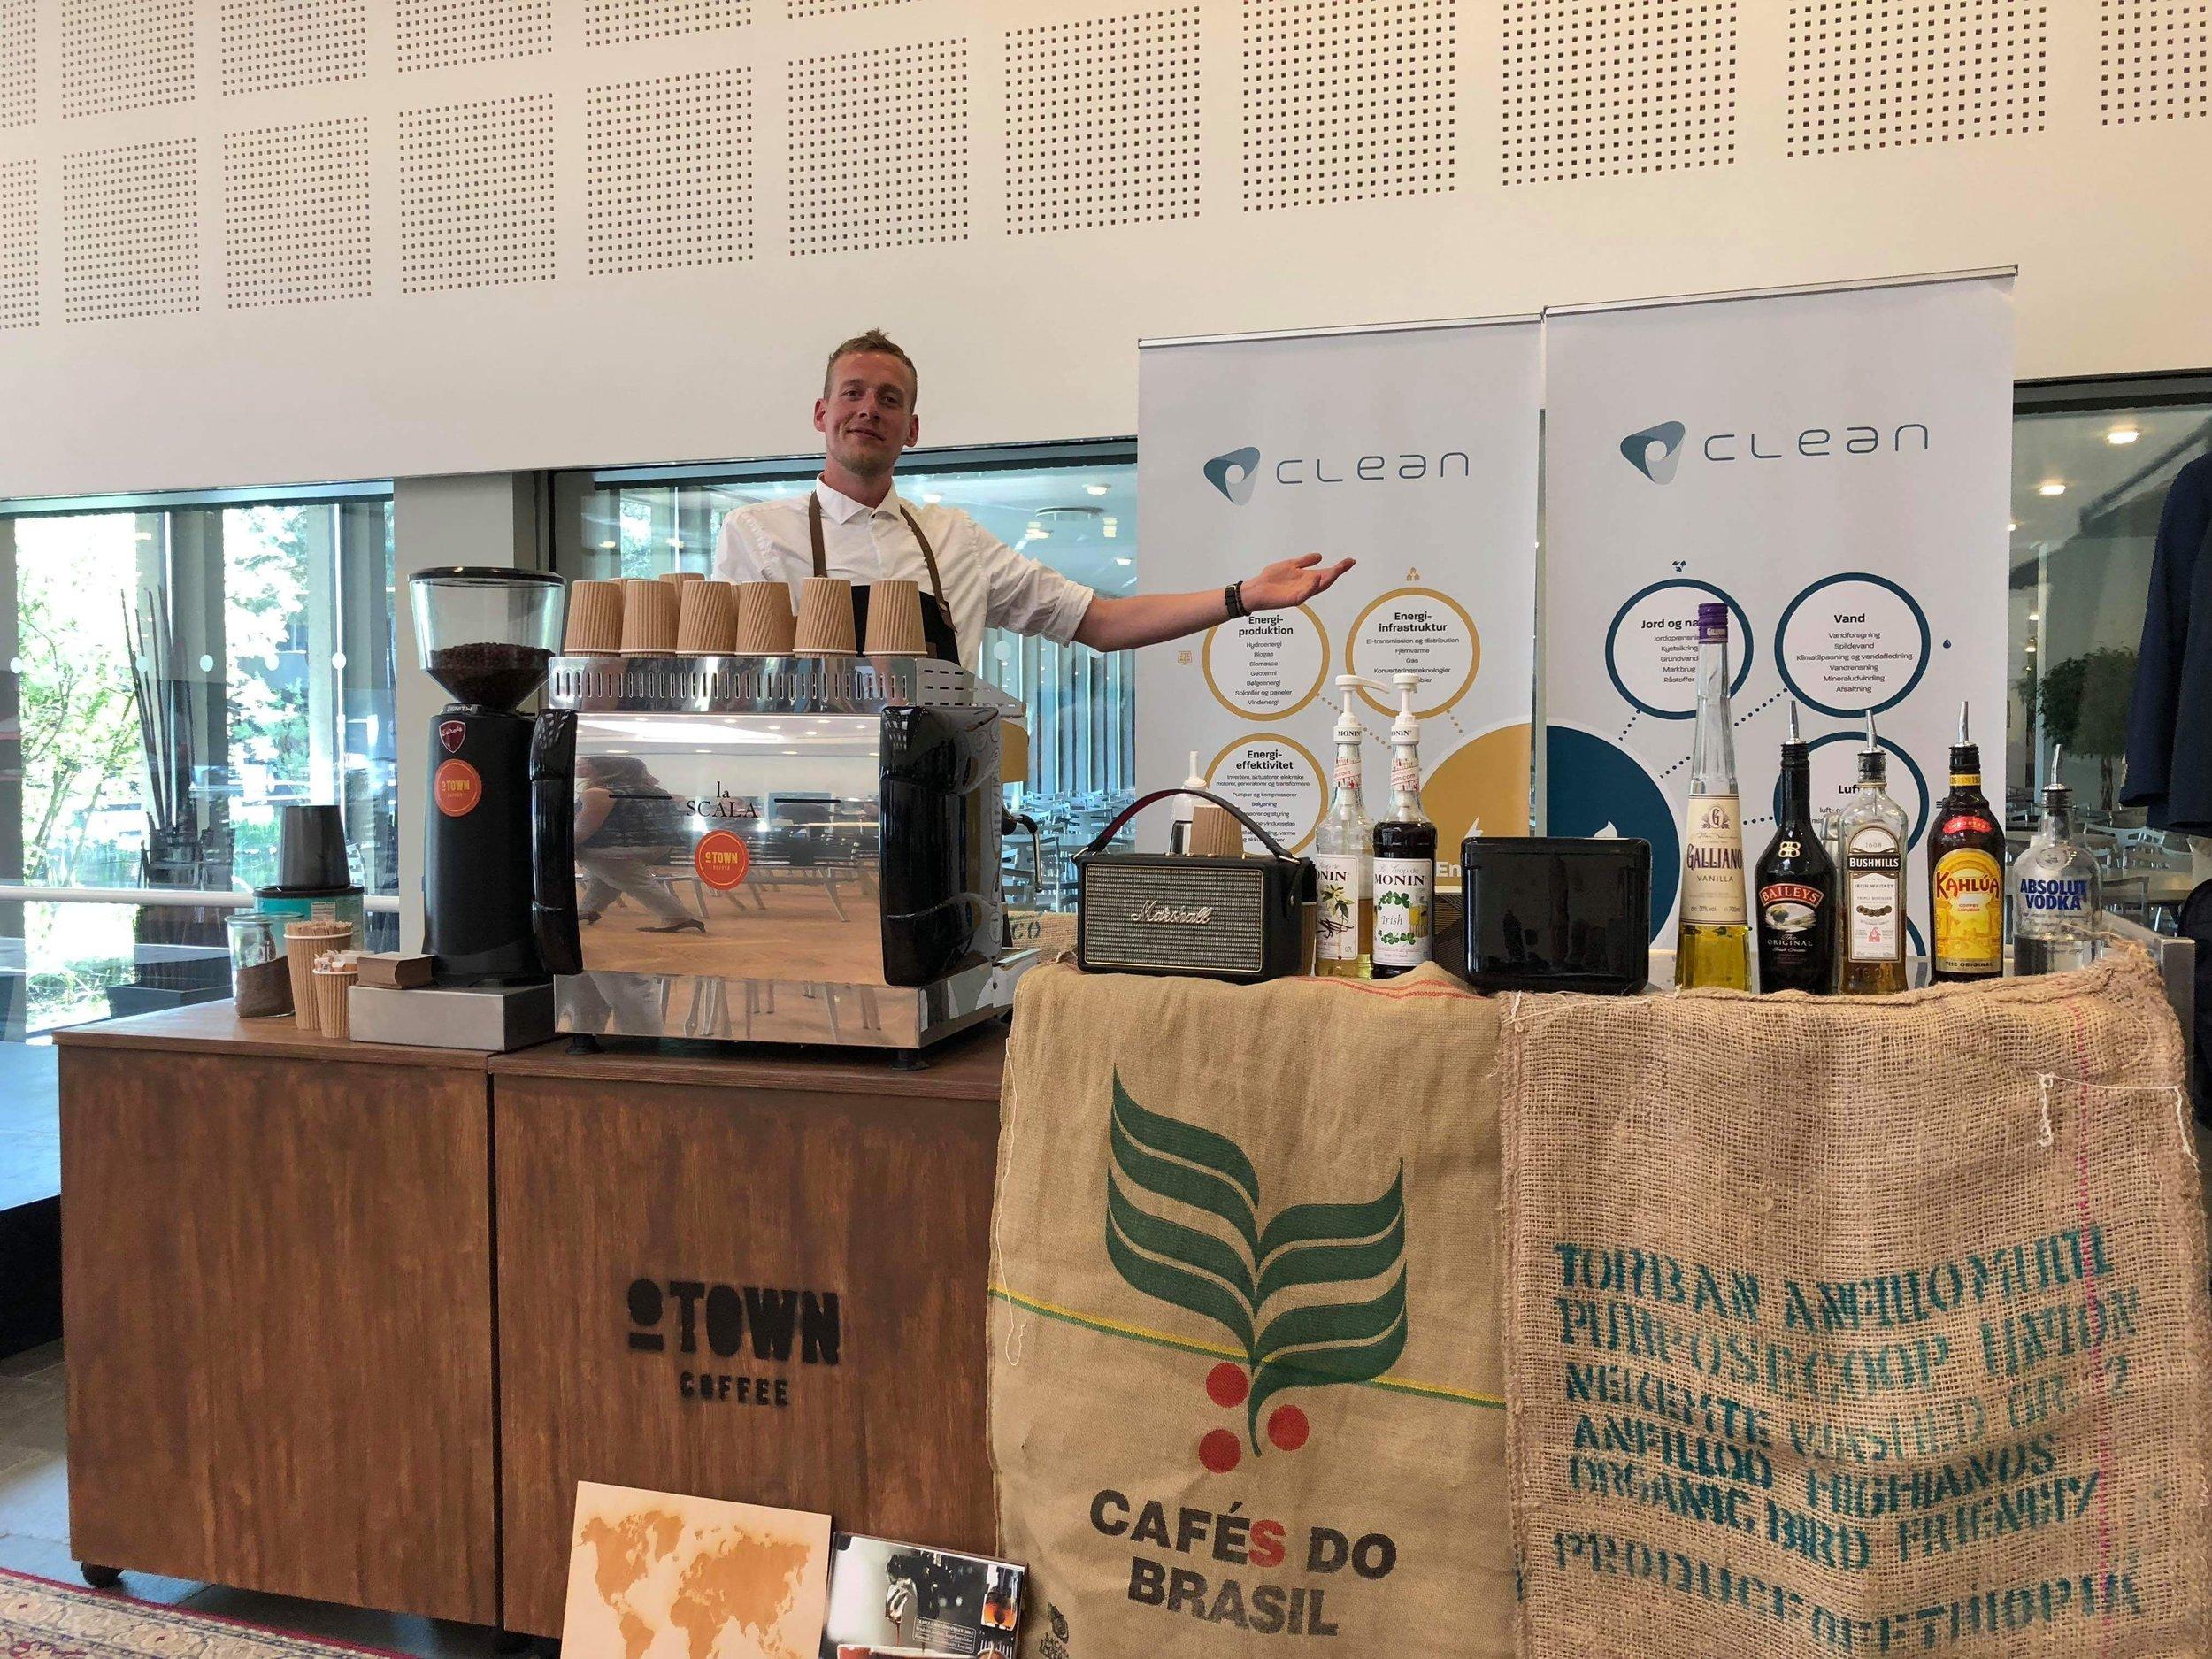 O-Town Coffee Cocktailbaren 2